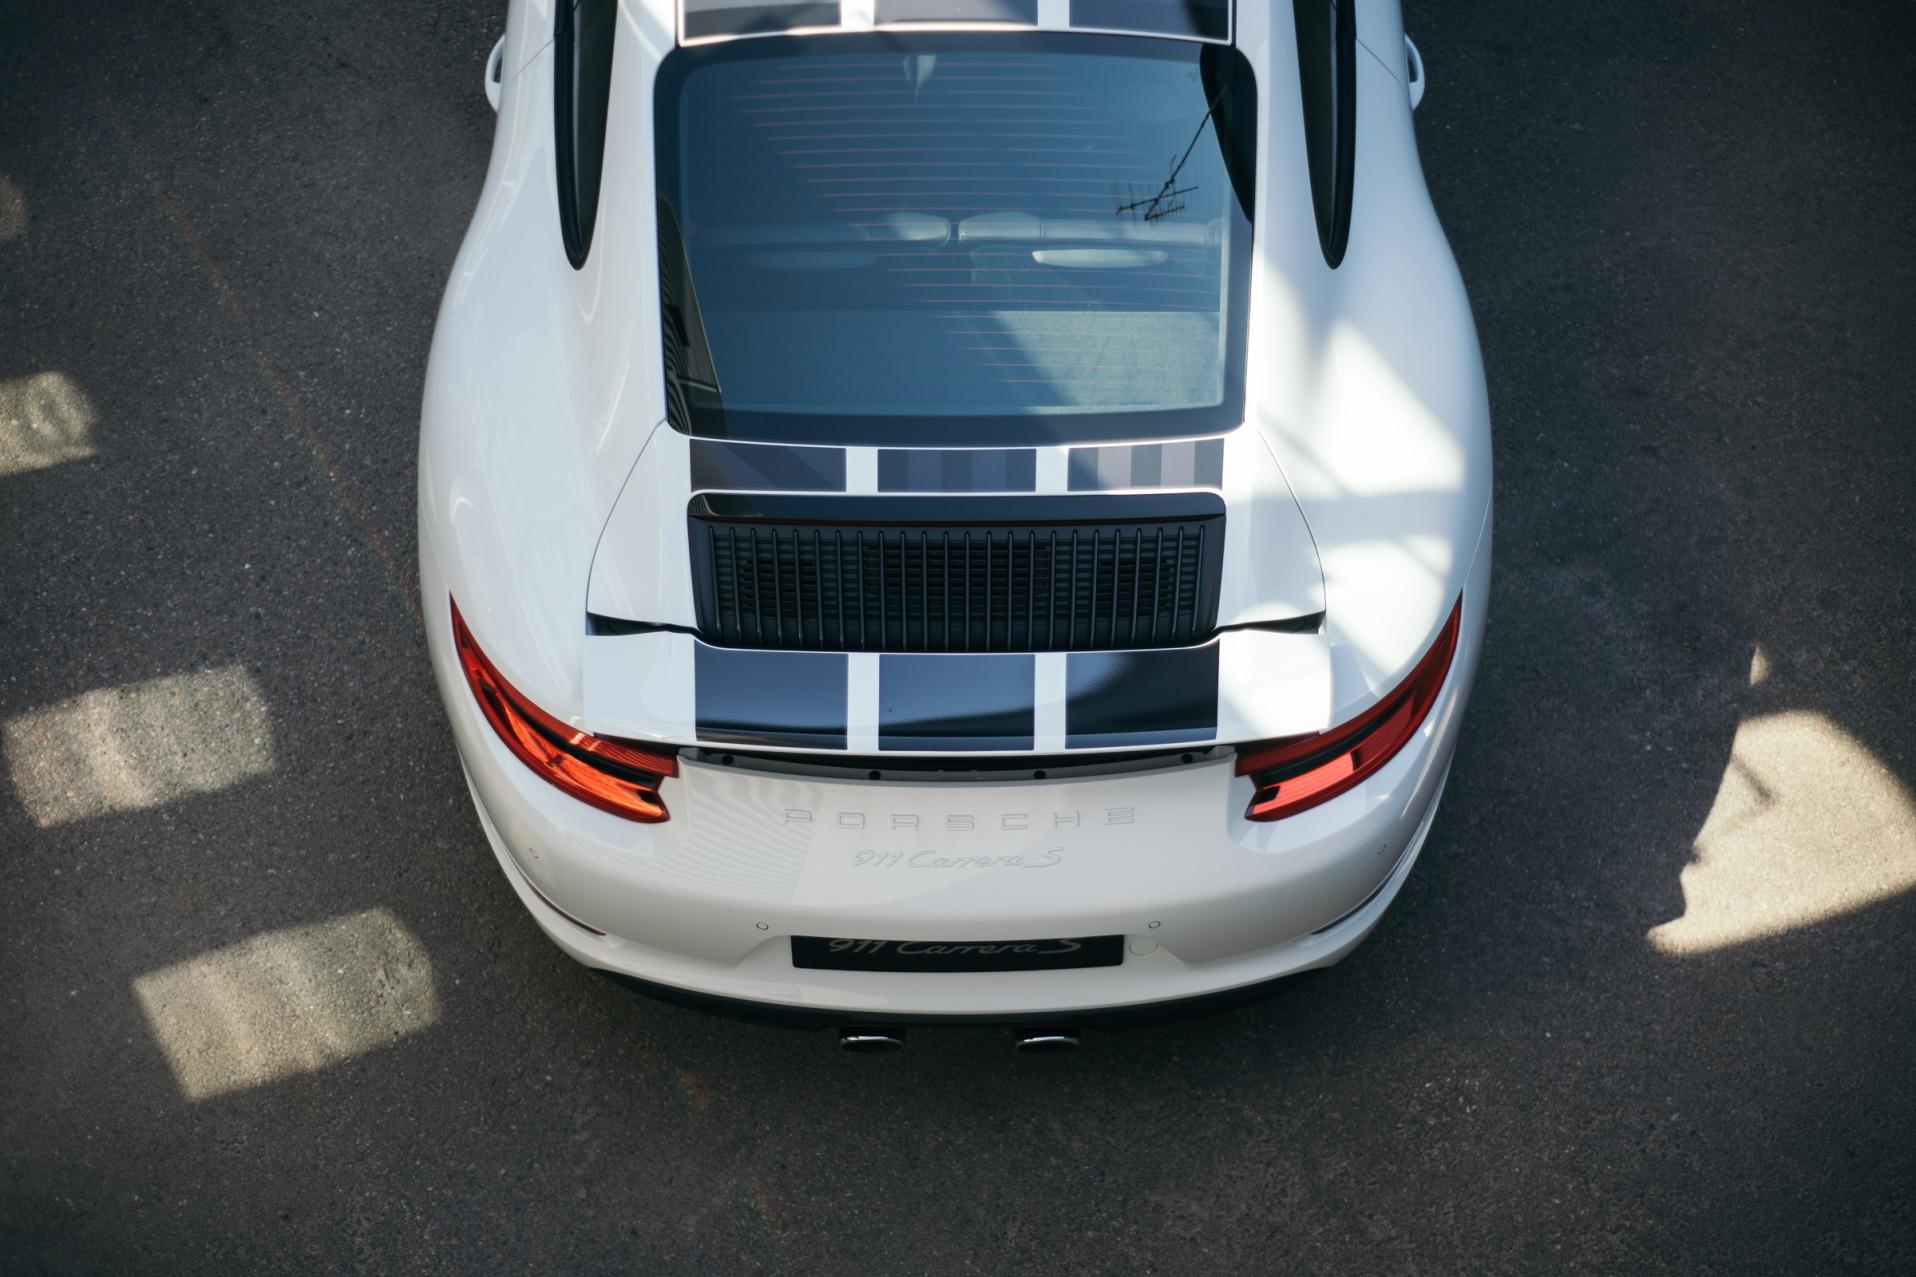 Porsche_Endurance_4